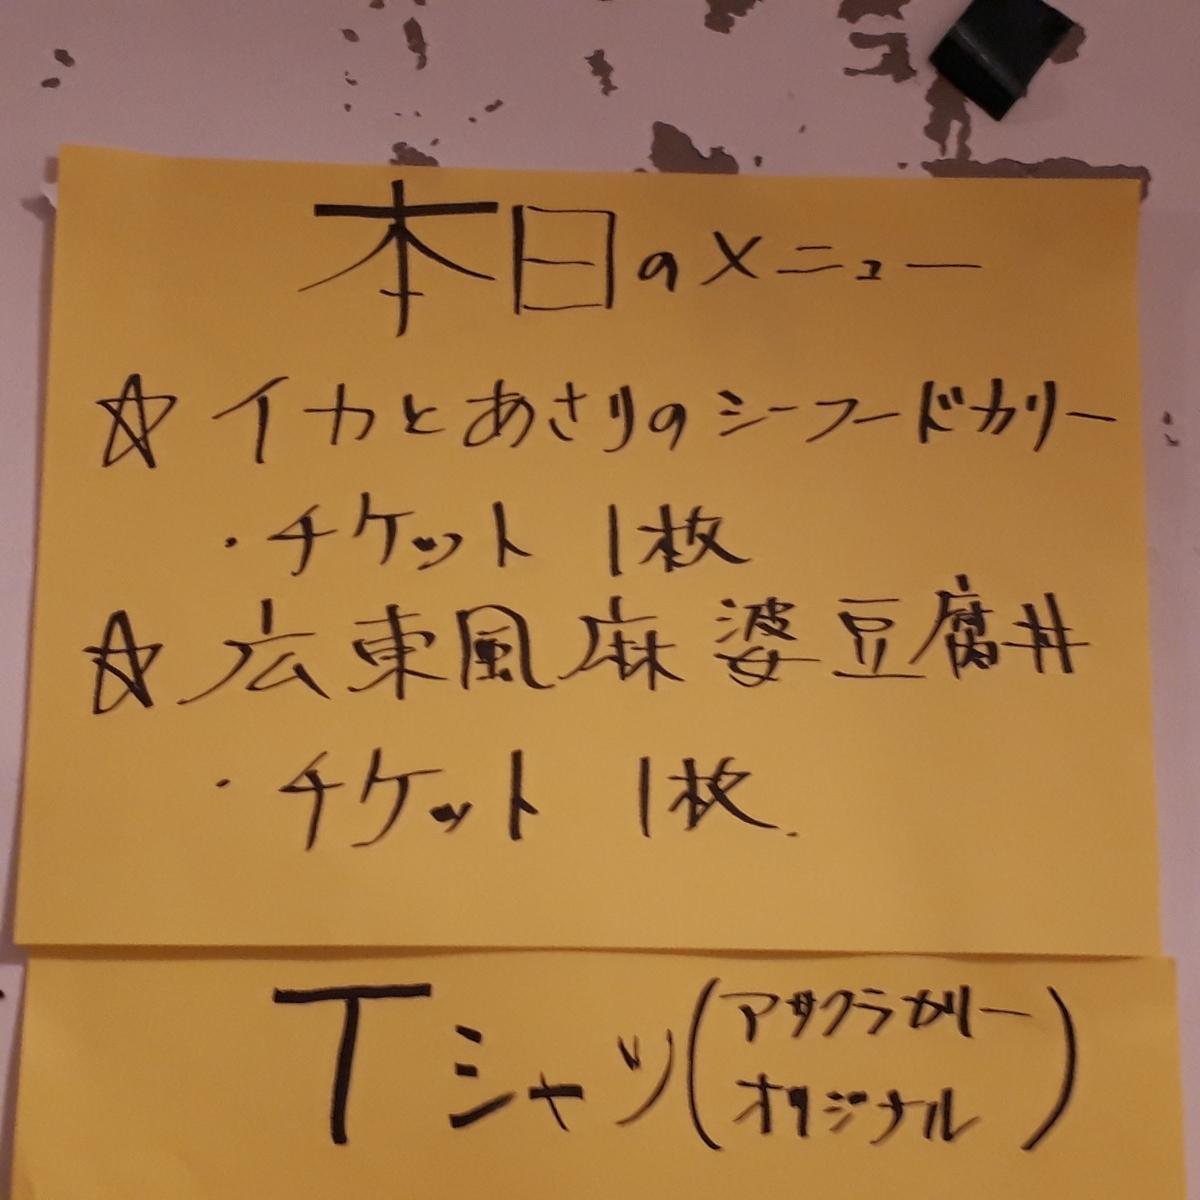 カレー事情聴取Vol.26 2019年7月12日 アサクラカリー